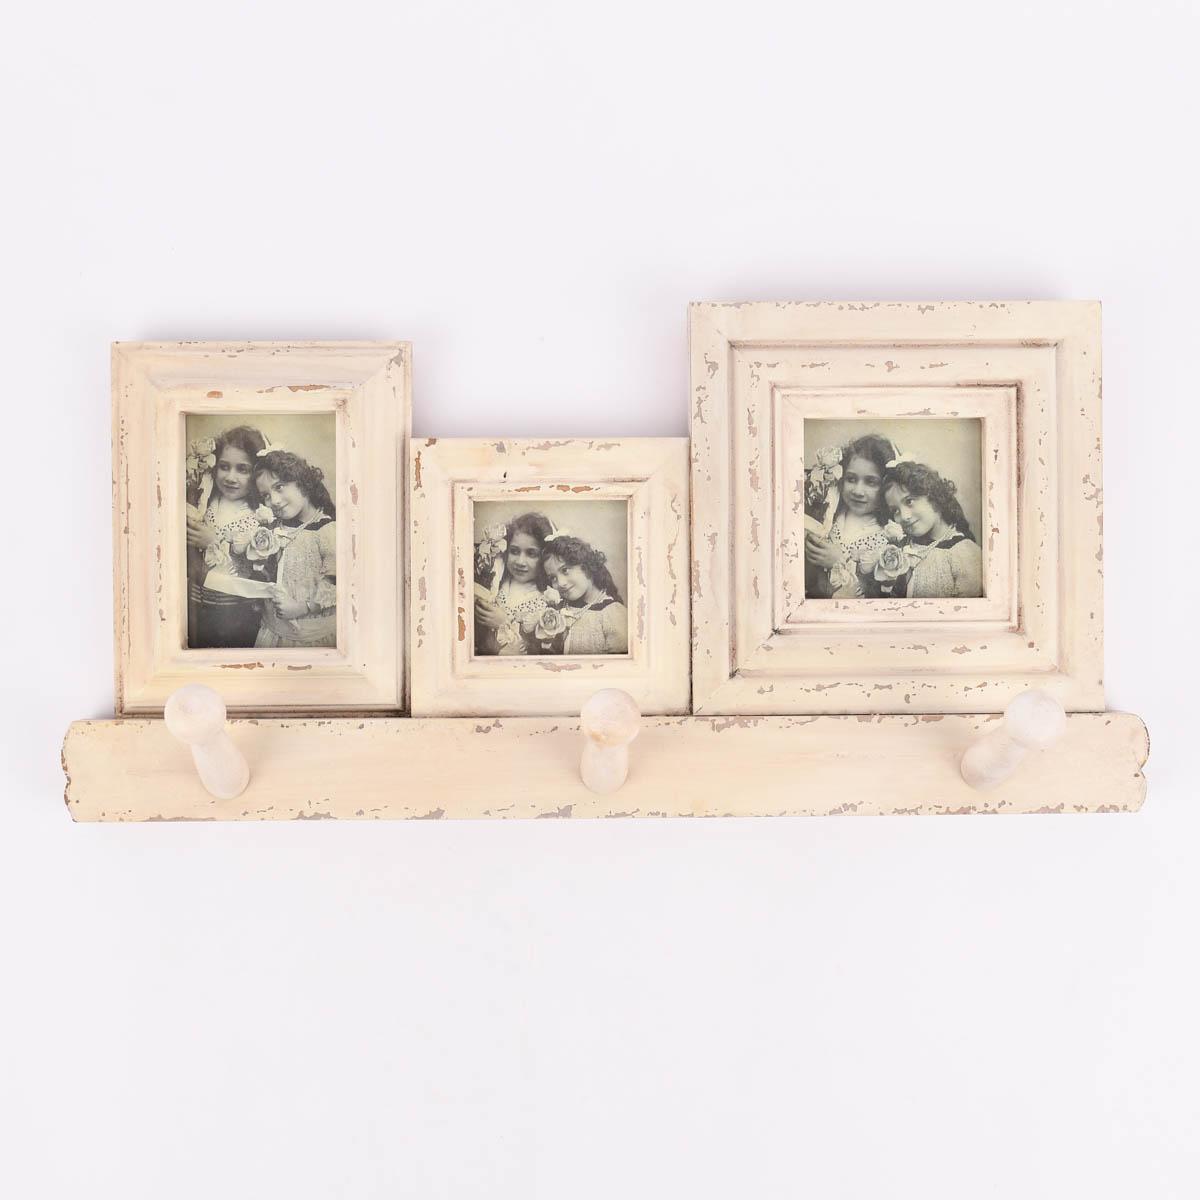 3fach Bilderrahmen mit Hakenleiste Holz Vintage weiß 52,5x25x2cm